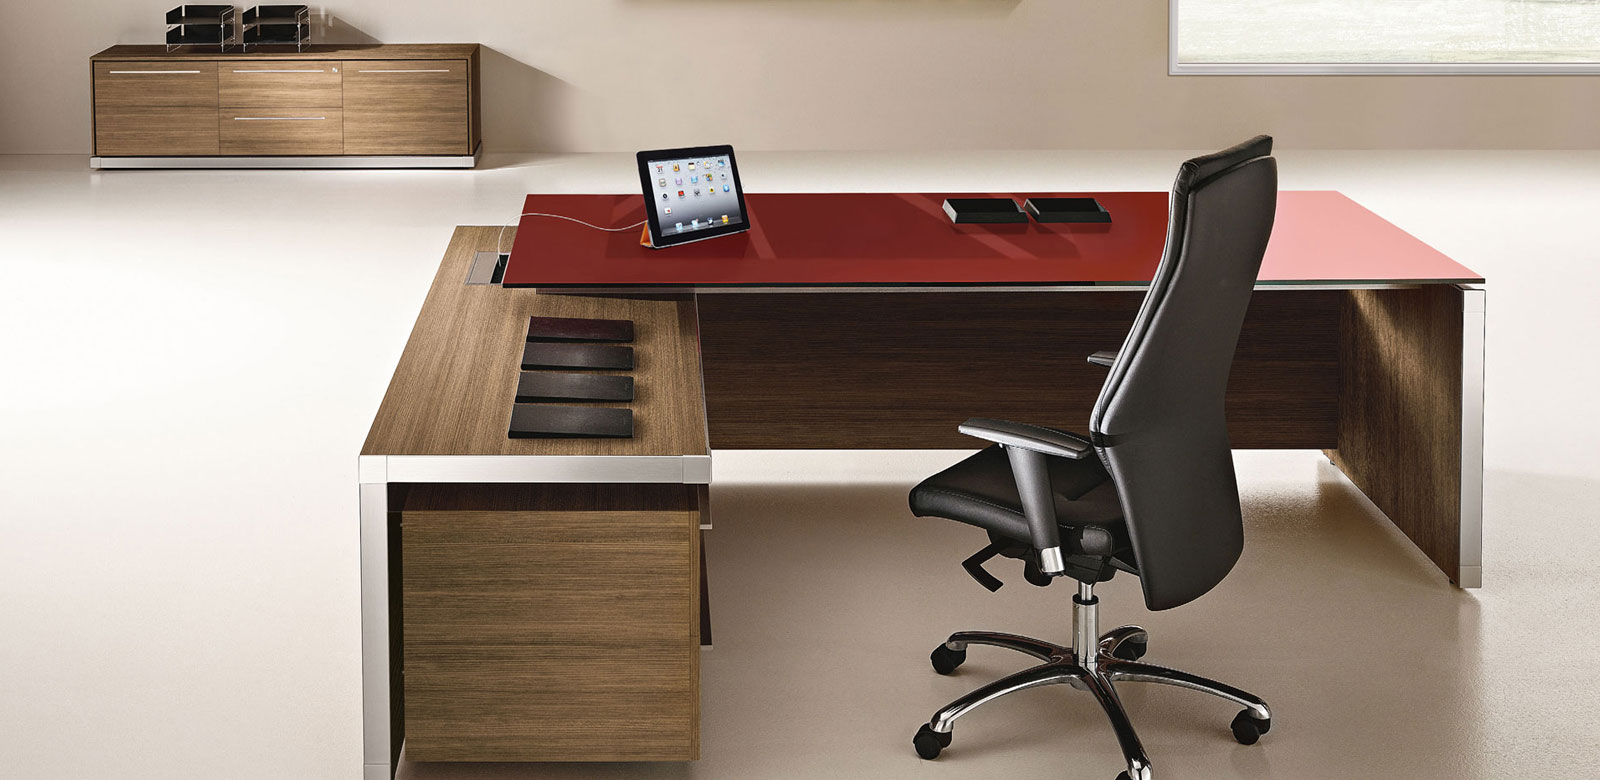 Arredo ufficio arredamento e mobili per ufficio su misura for Migliori riviste arredamento